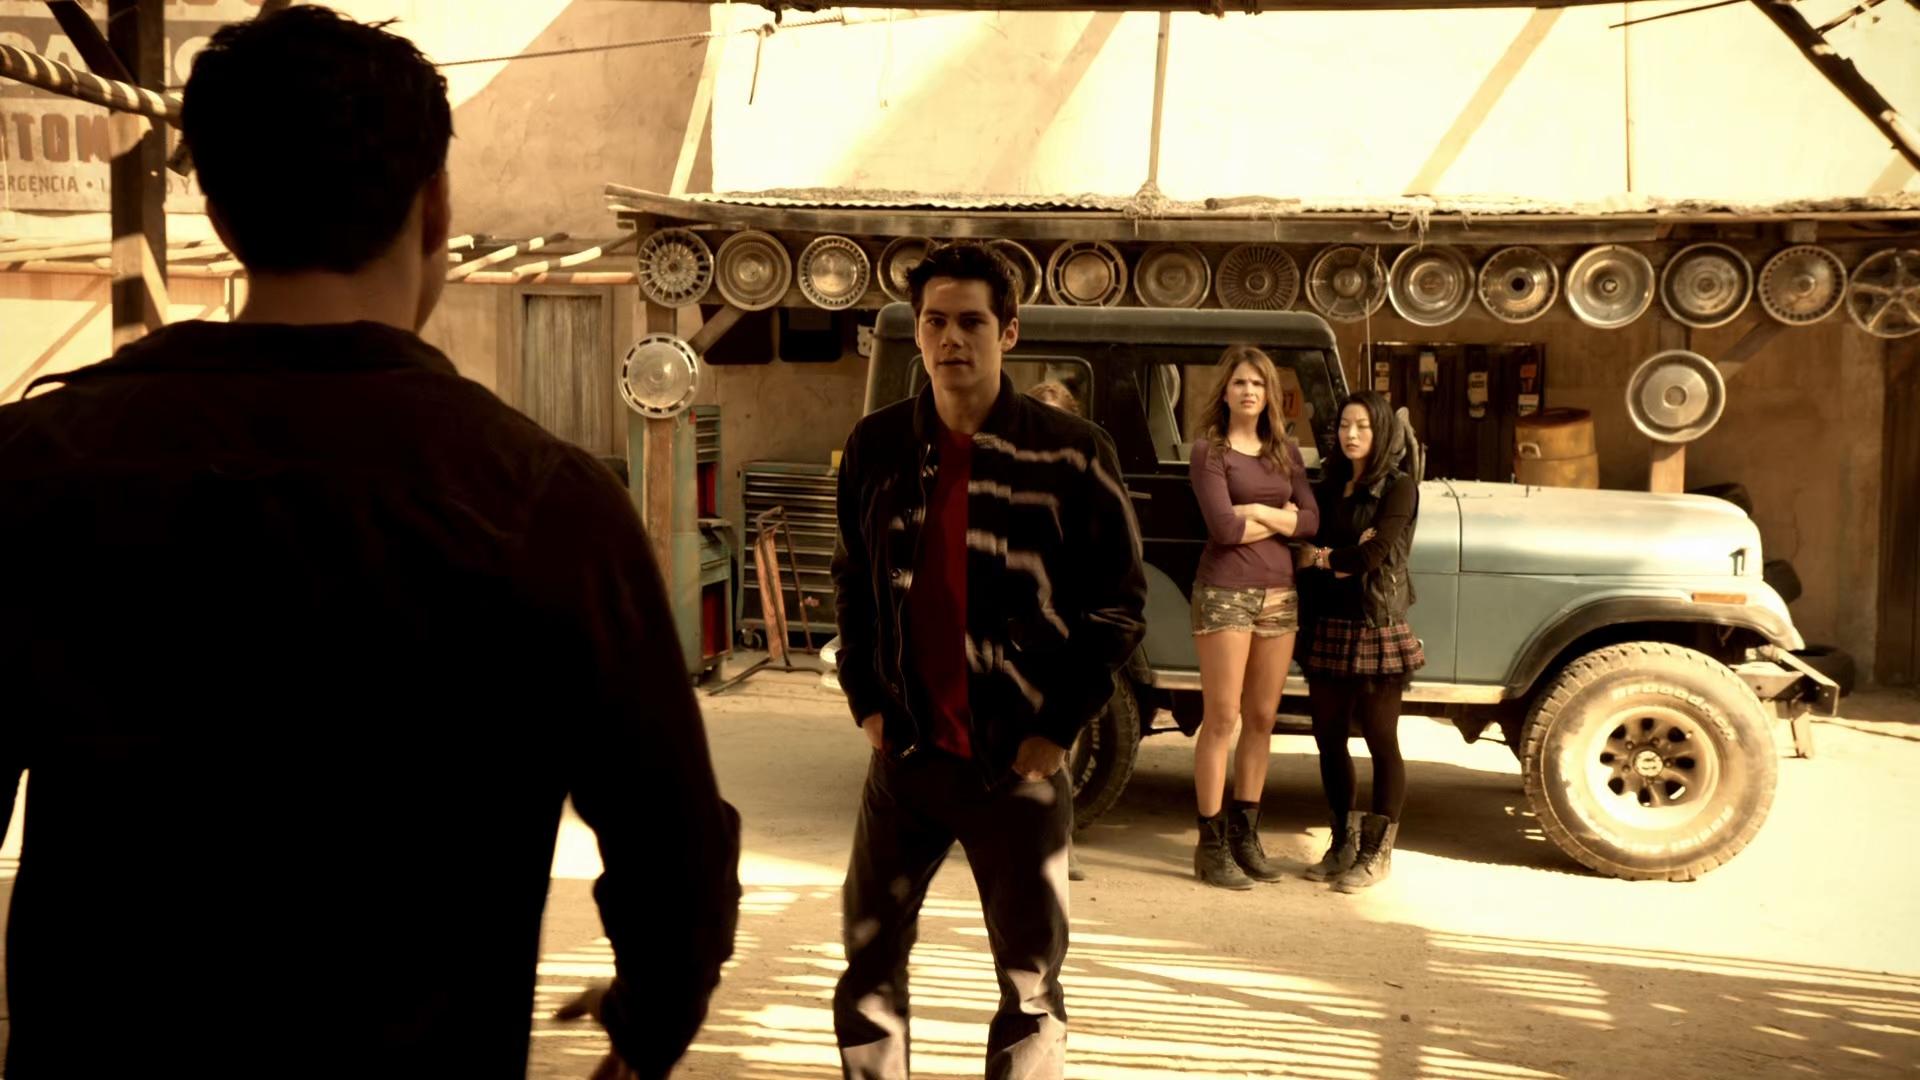 Teen.Wolf.S04E01.The.Dark.Moon.BRRip.1080p.DD5.1.H265-d3g.mkv_snapshot_23.45.000.jpg